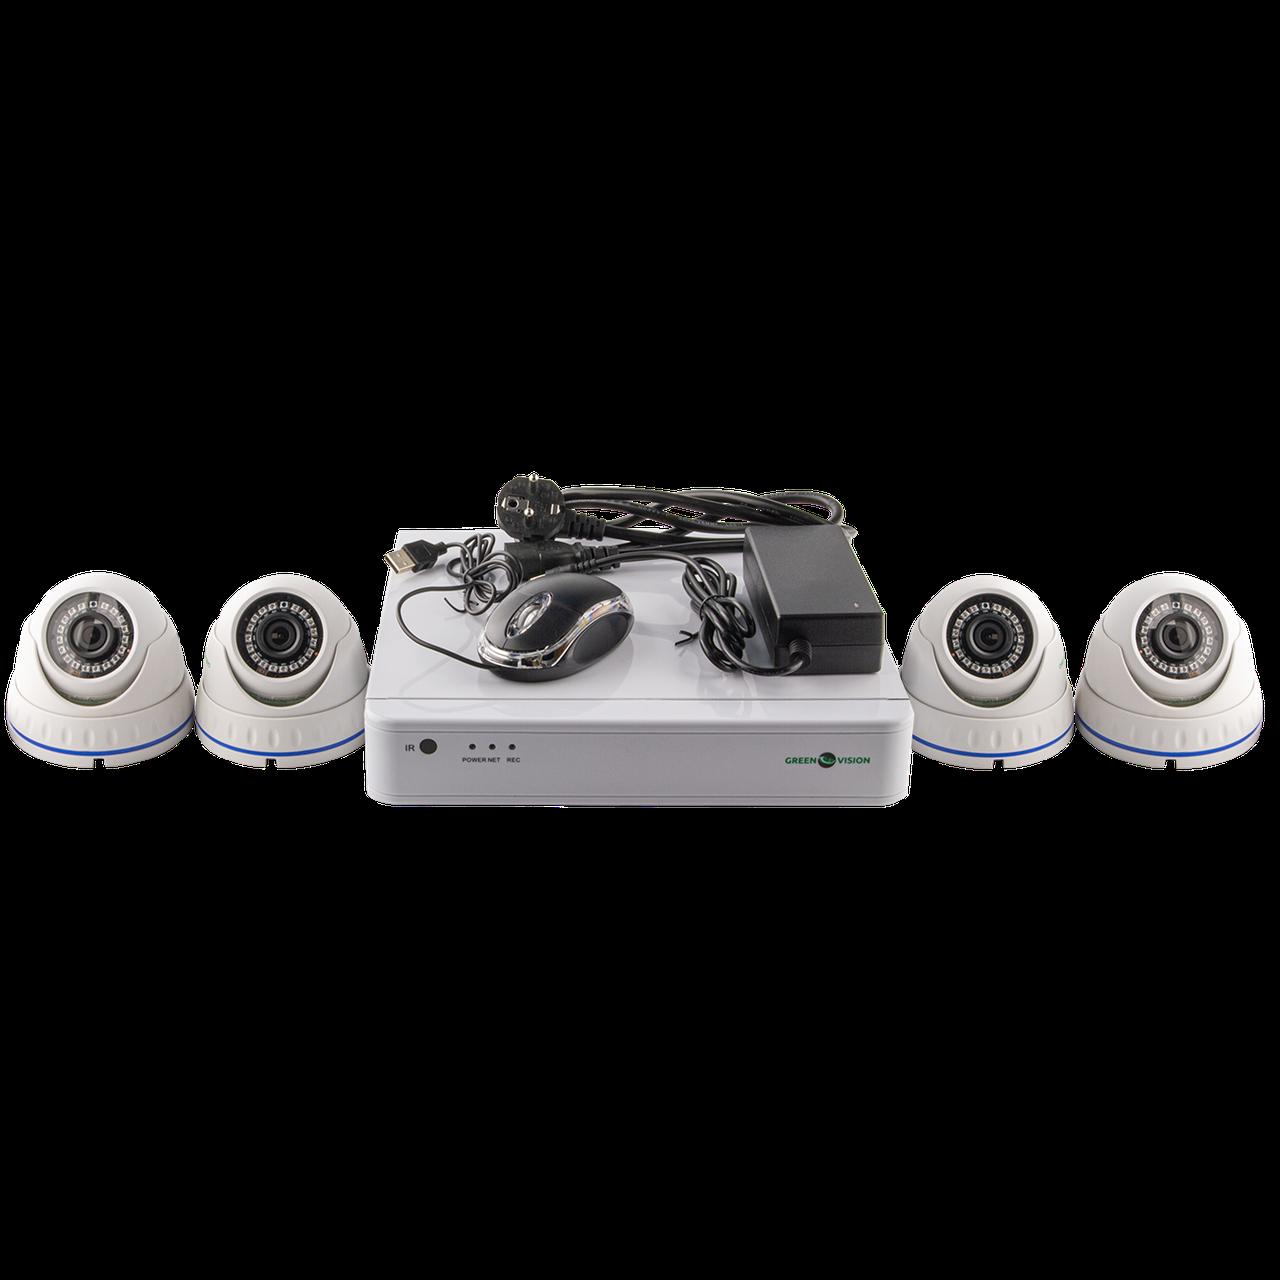 Комплект IP видеонаблюдения Green Vision GV-IP-K-S30/04 1080P